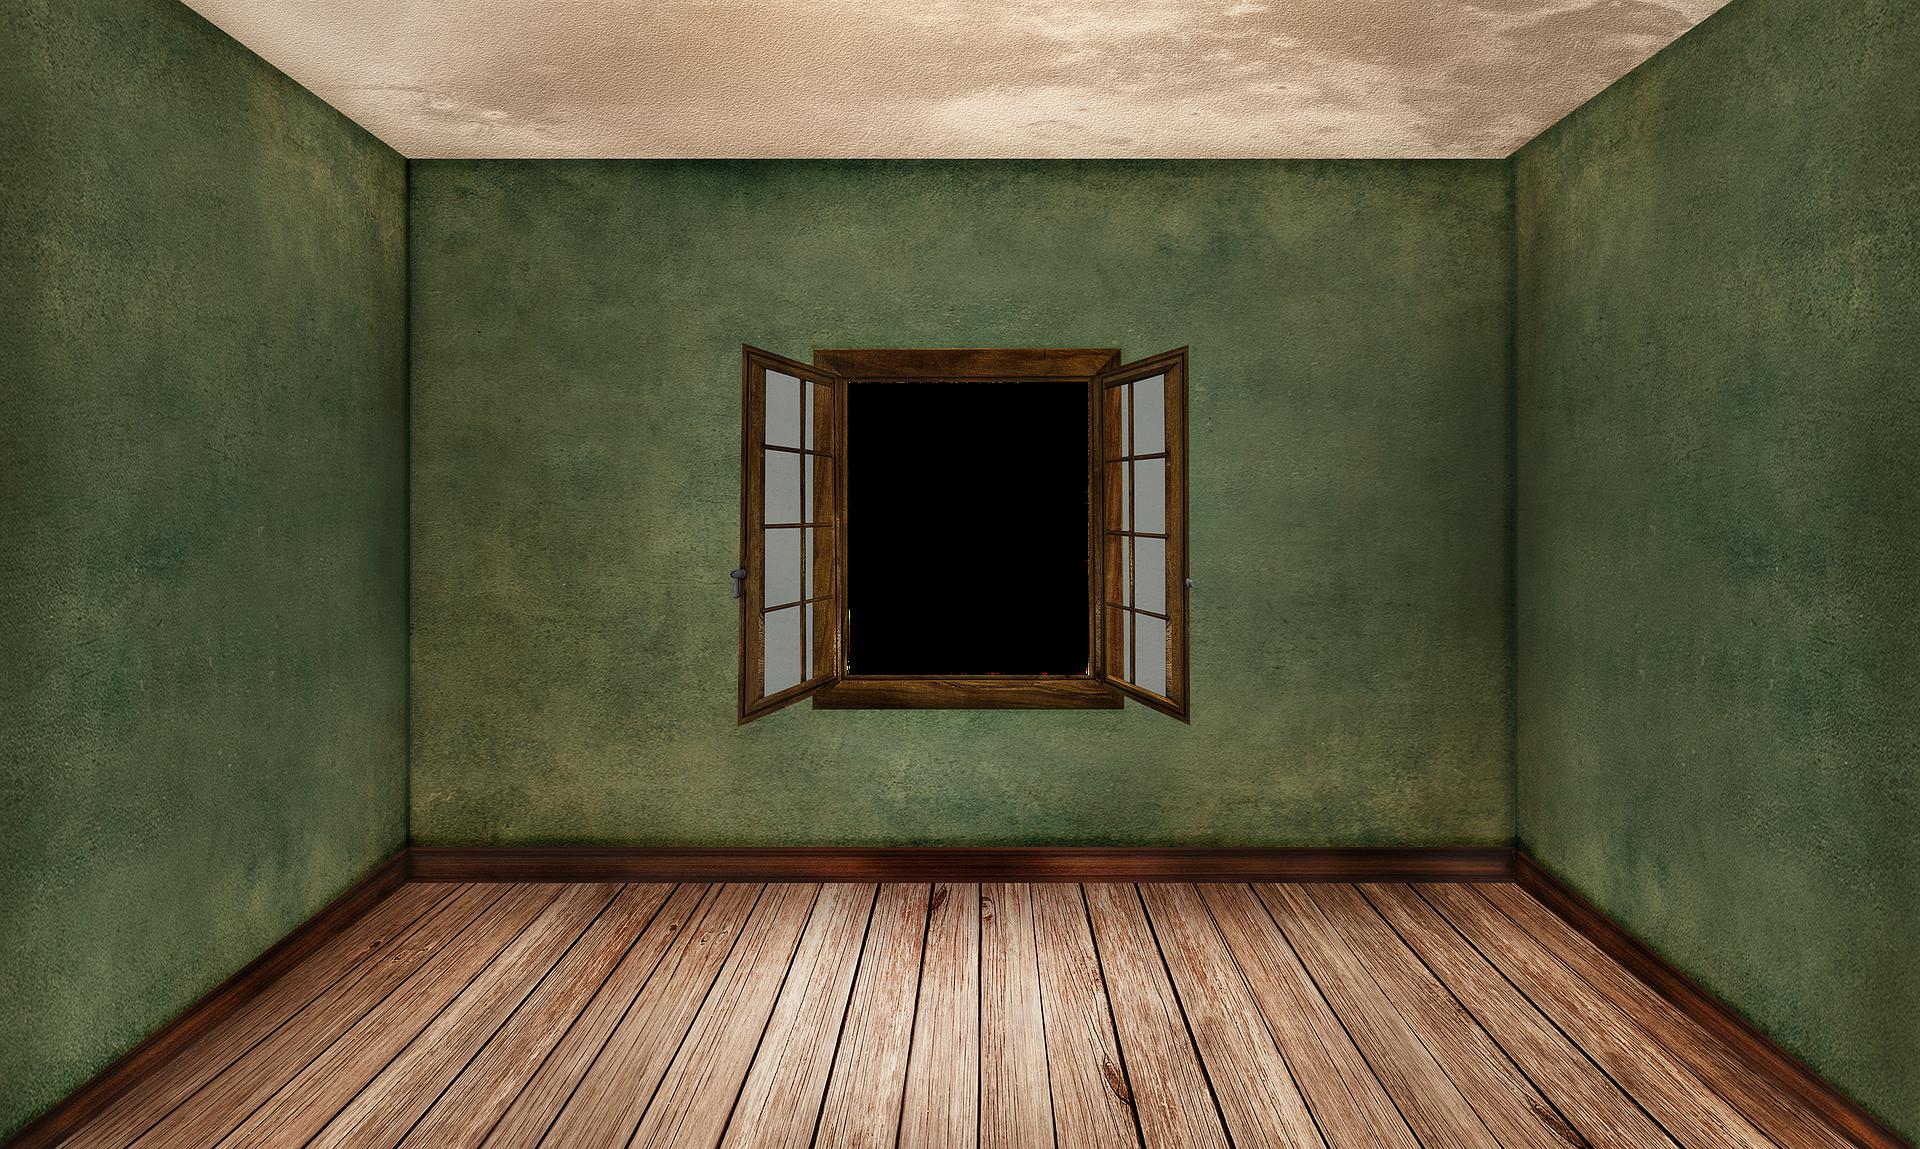 room-2133173_1920